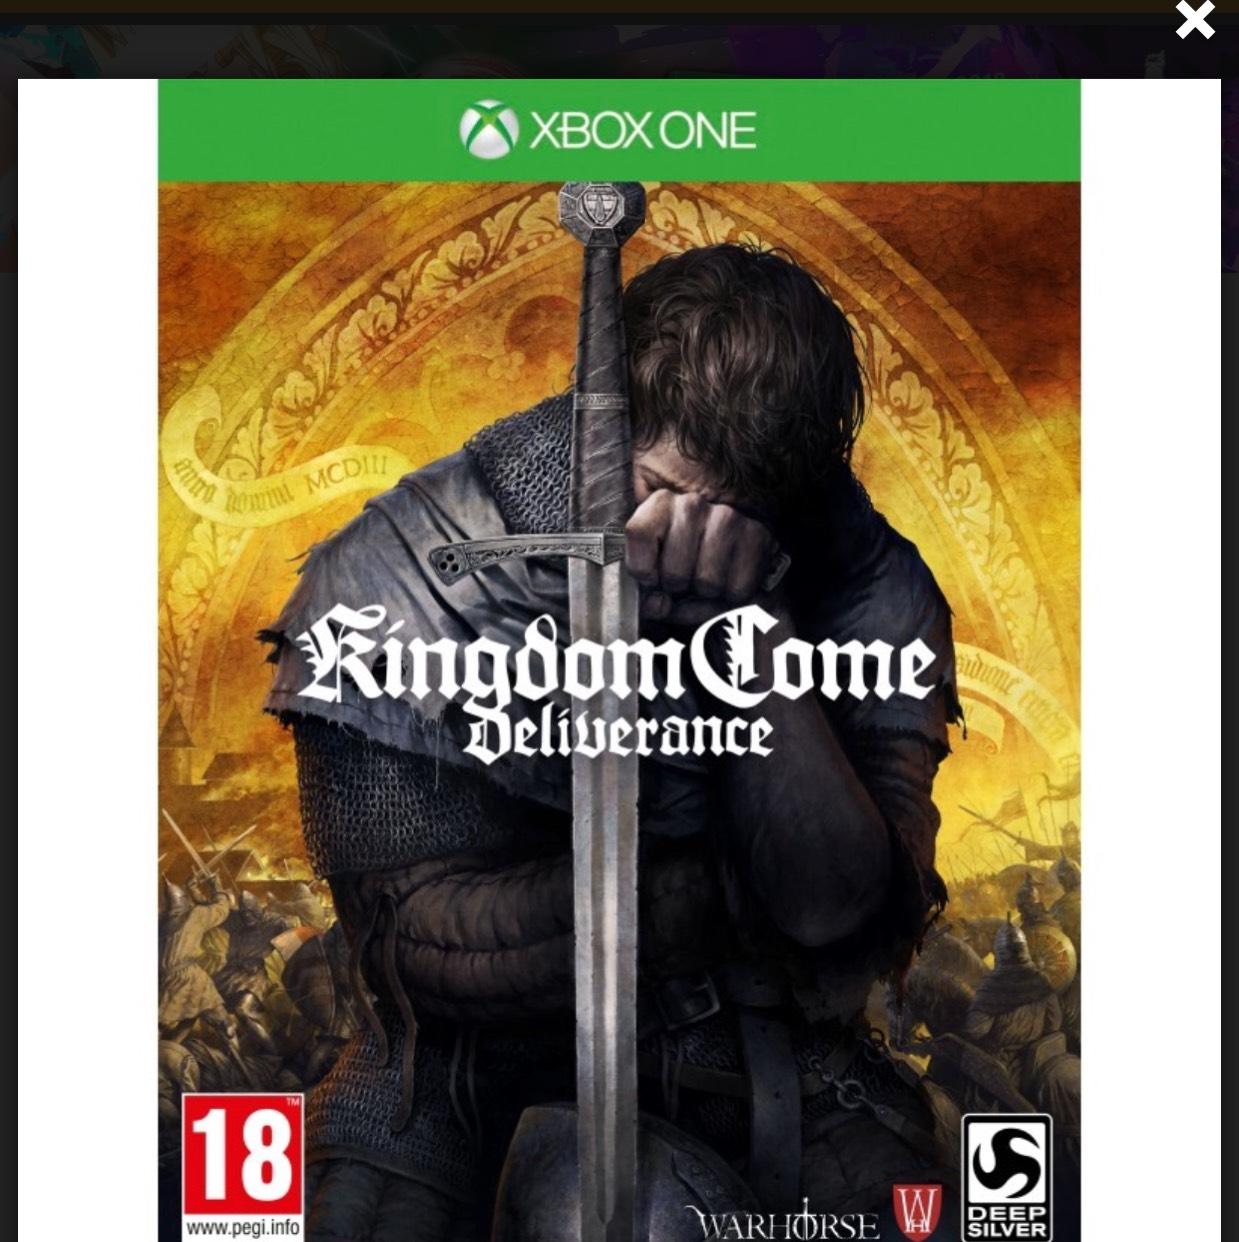 Kingdom Come: Deliverance (Xbox One) Pre-Order £20.97 @ Microsoft Store Argentina